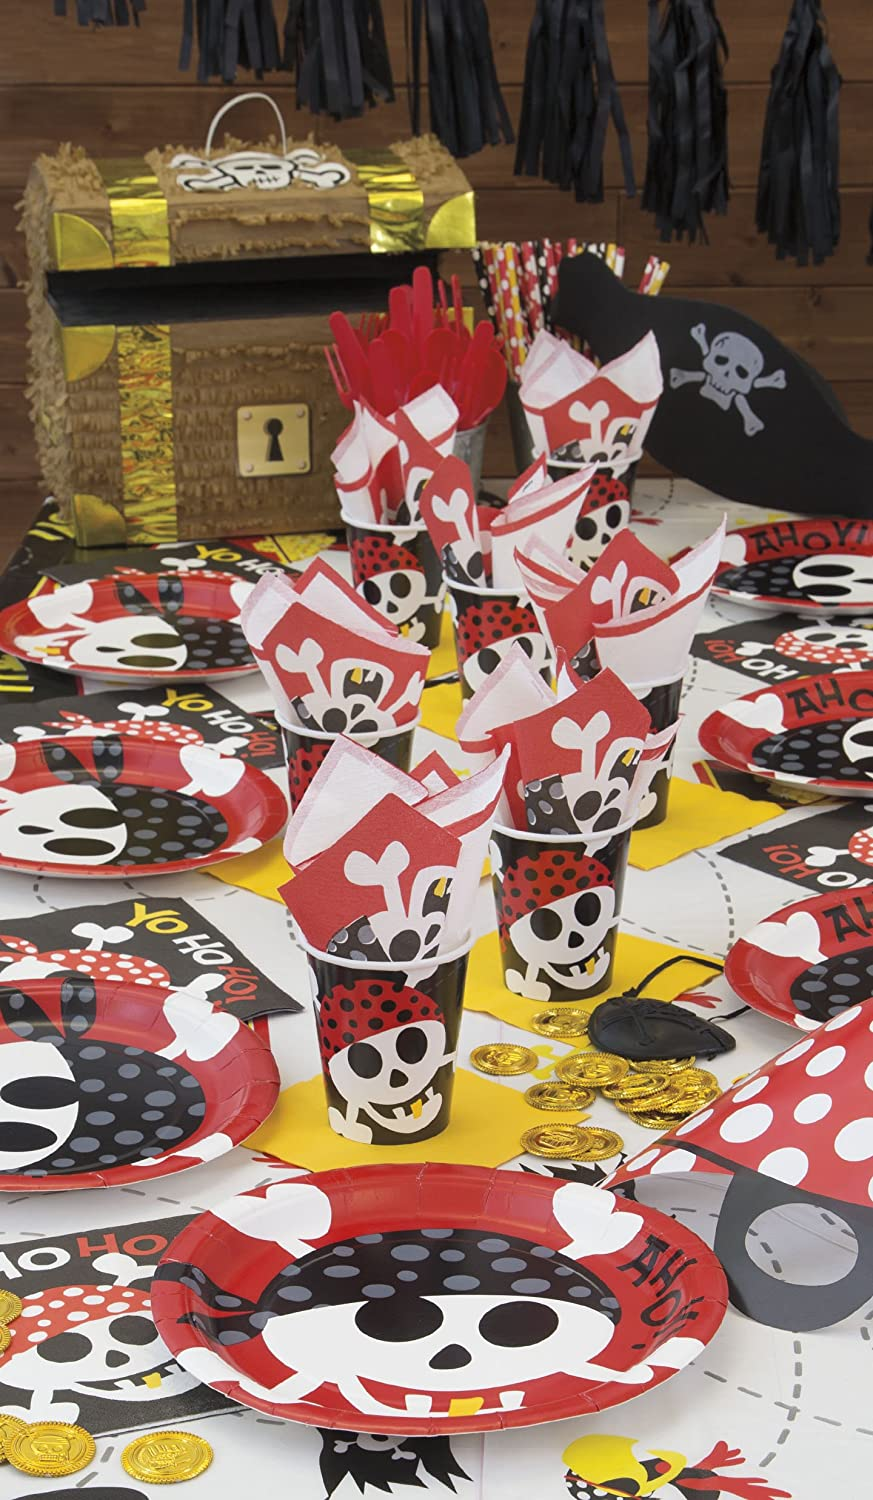 213 cm x 137 cm Tovaglia Plastificata per Feste a Tema Pirati Unique Party 40493